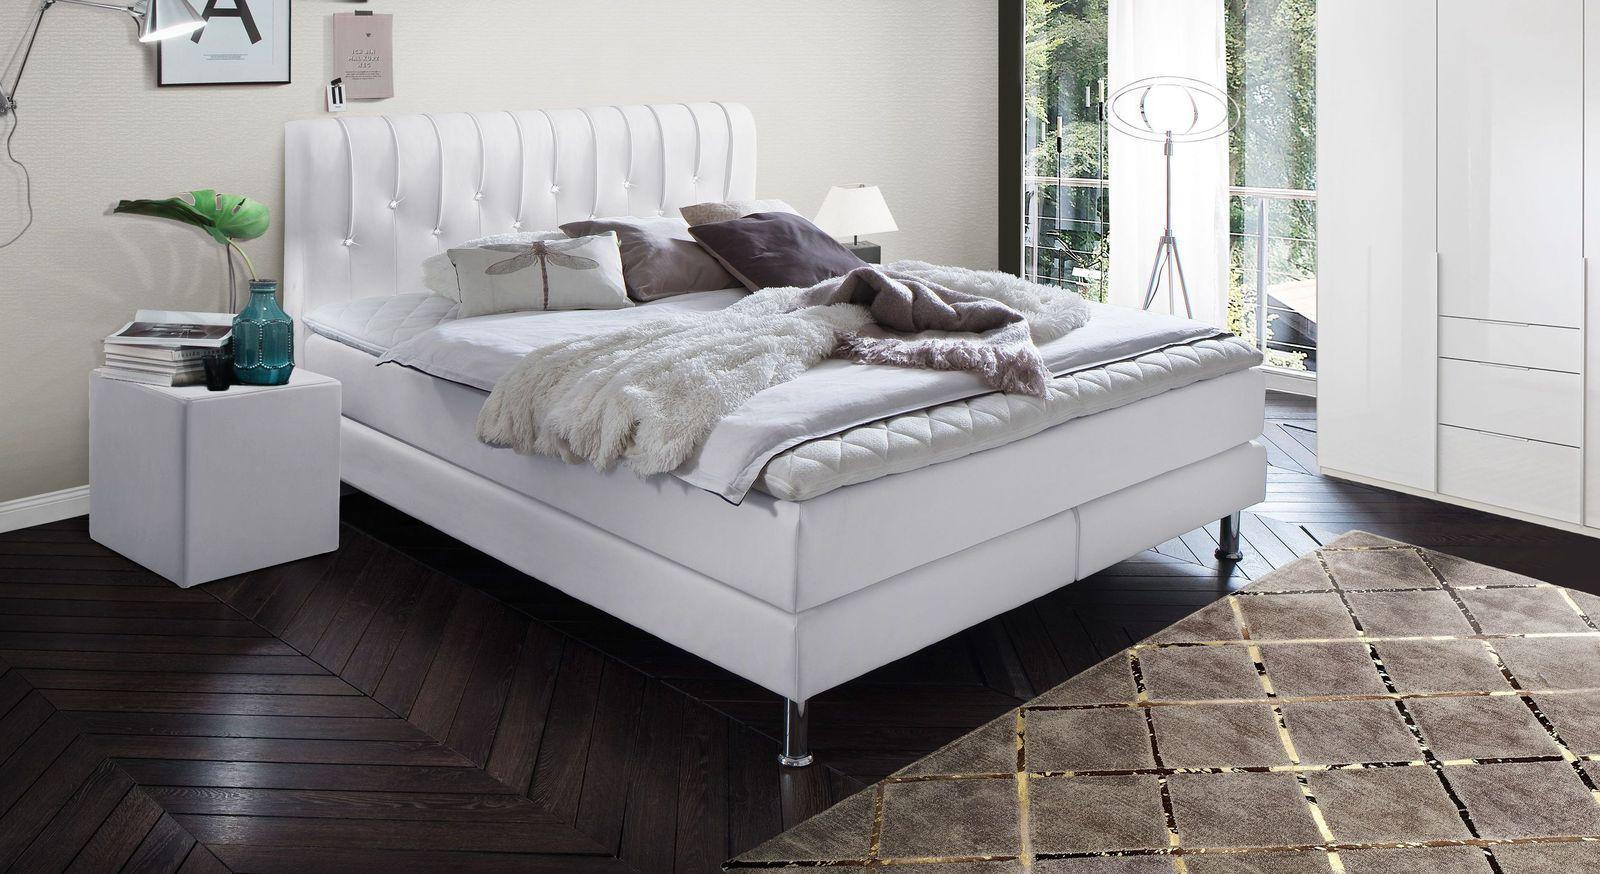 Preiswertes Boxspringbett Zinola aus weißem Kunstleder